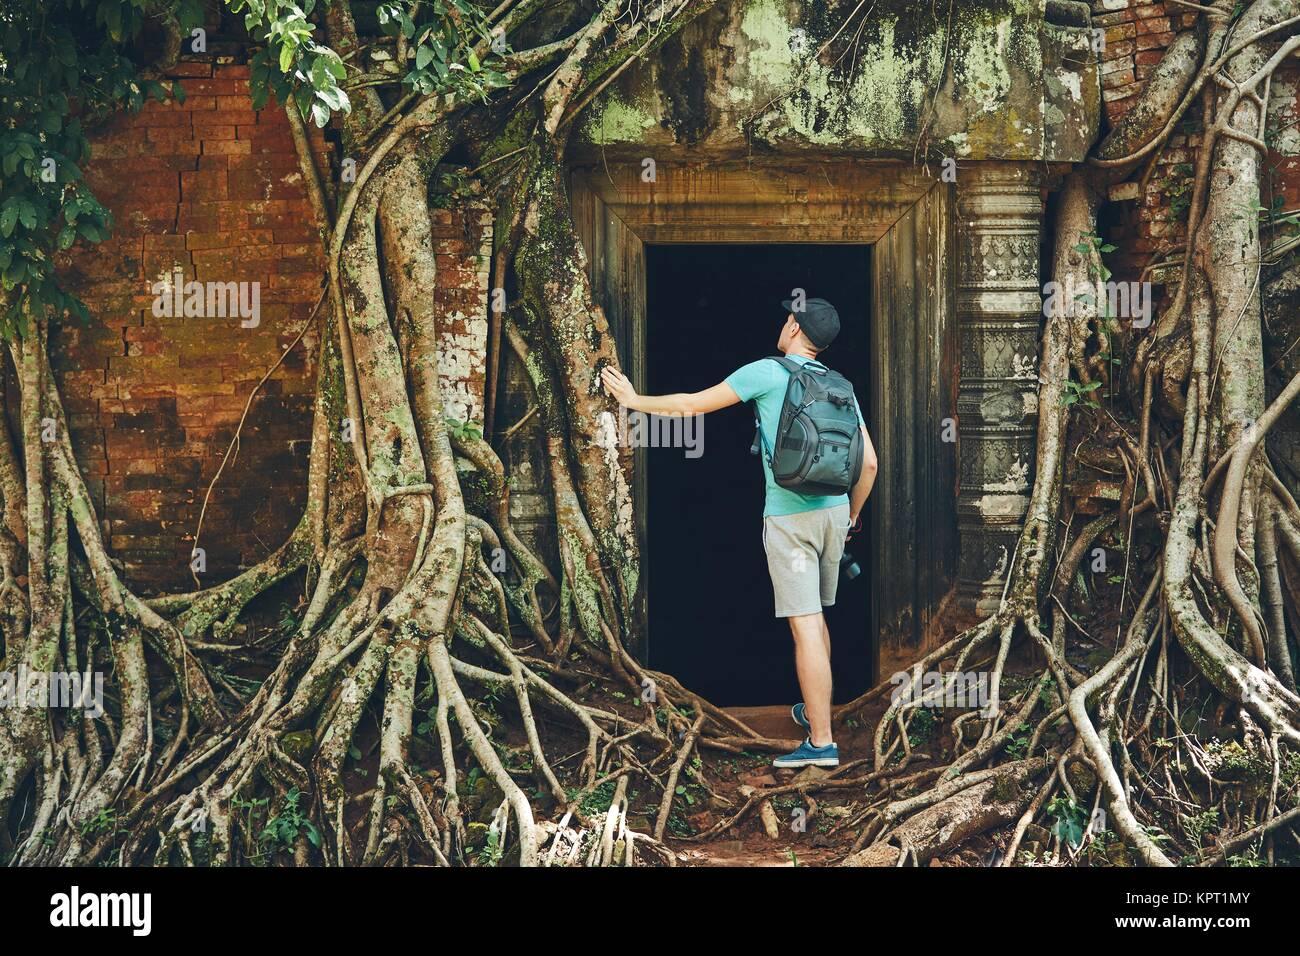 Jeune homme avec sac à dos venant d'anciens monuments sous les racines de l'arbre géant près Photo Stock